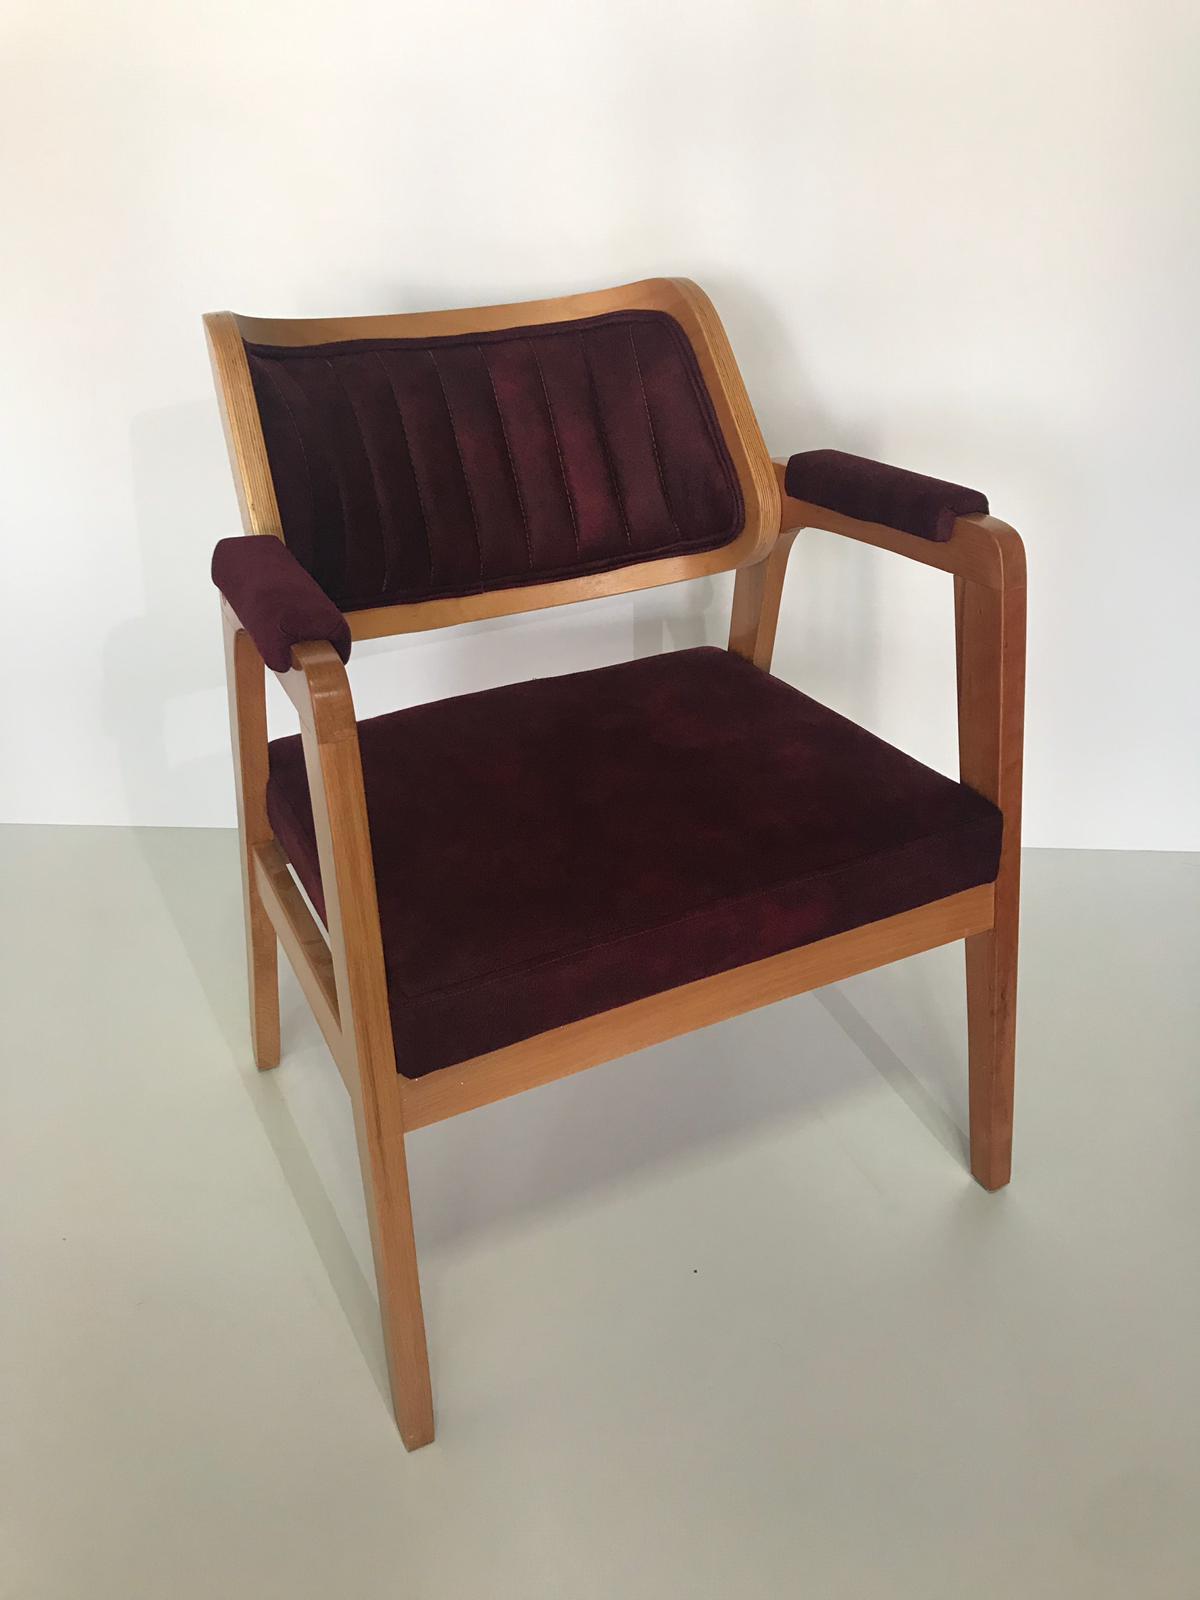 Cafe için koltuk İstediğiniz her modern model ve türde üretim yapan lokantamasalari.com; hem kişisel hem de işyeri amaçlı farklı tasarımları ile hizmetinizdedir.